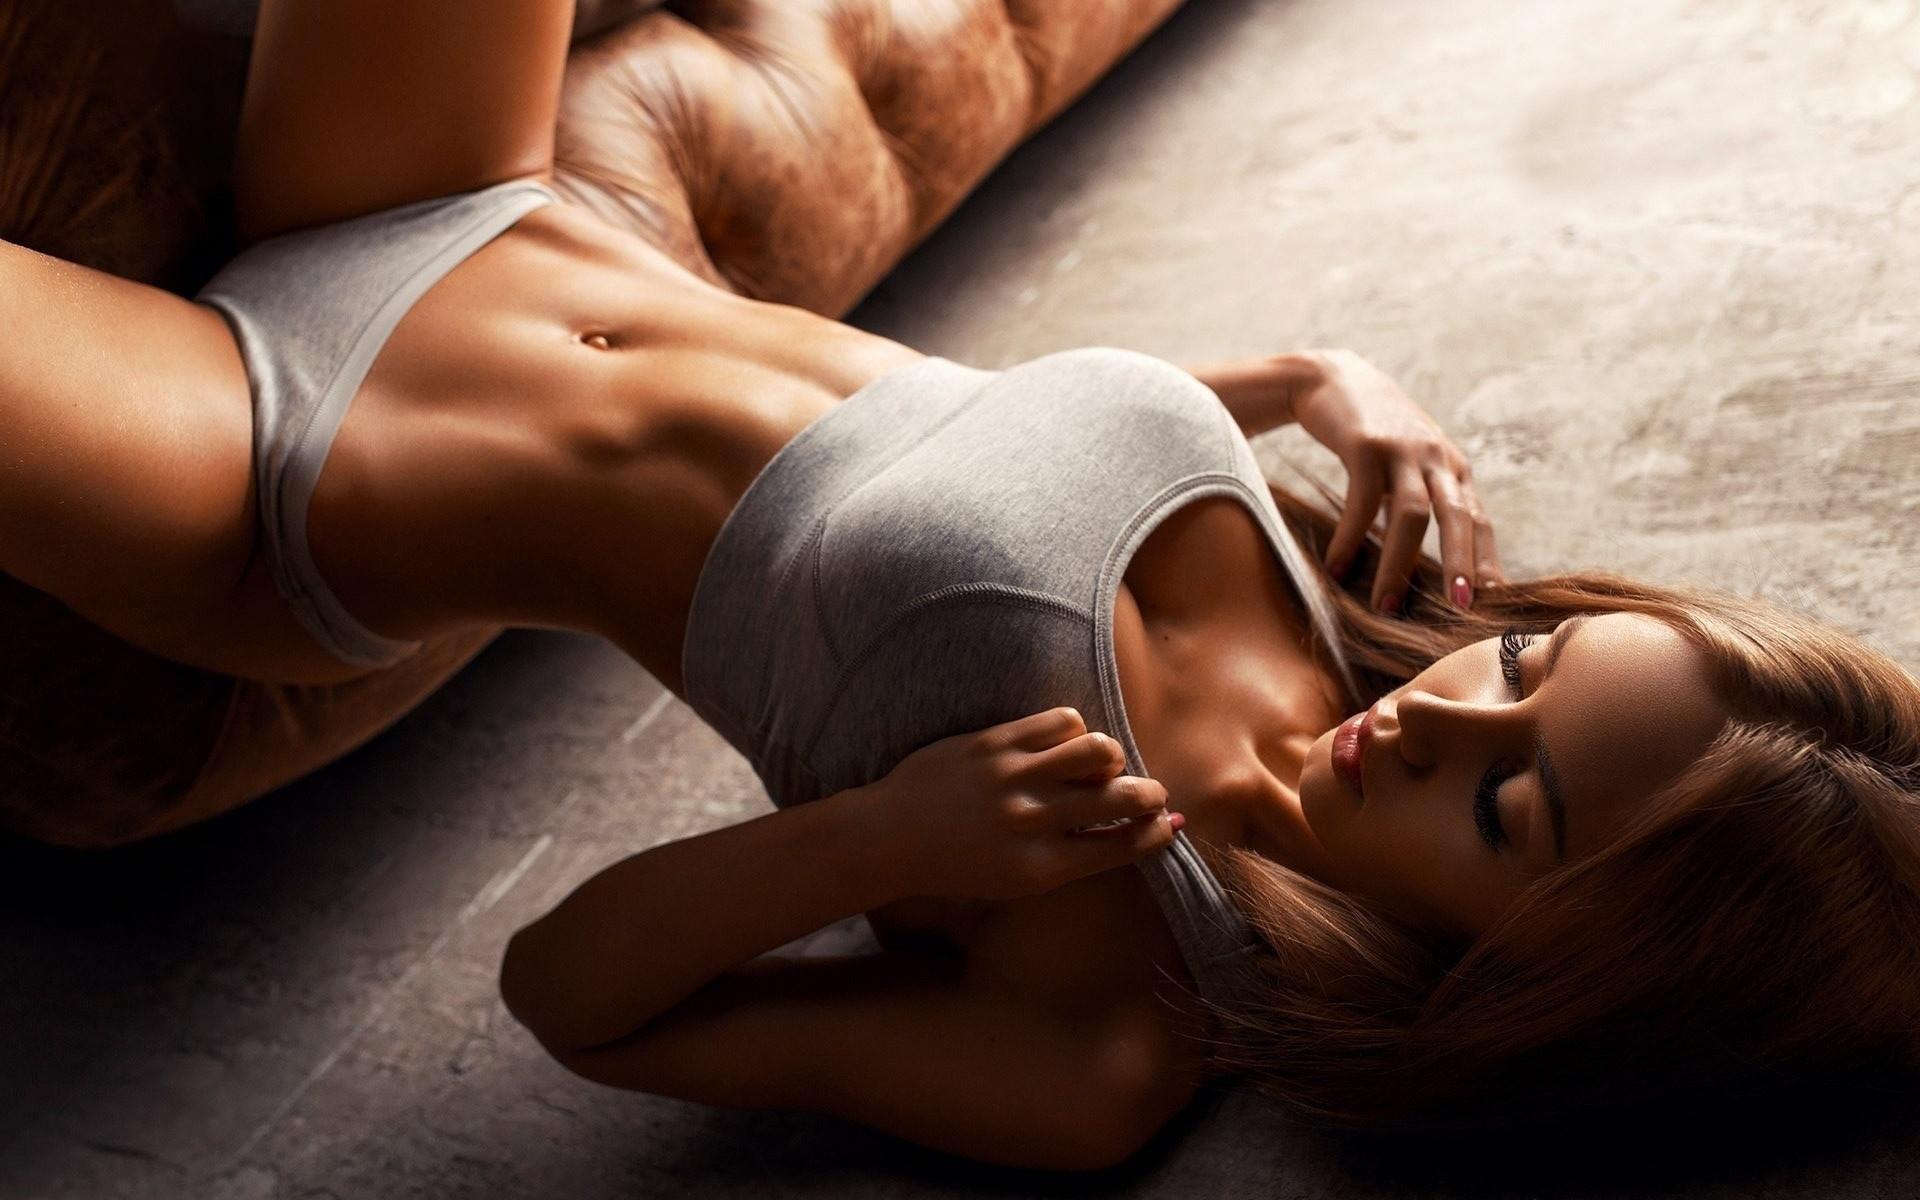 Картинки с женским телом, праздником энергетика открытка